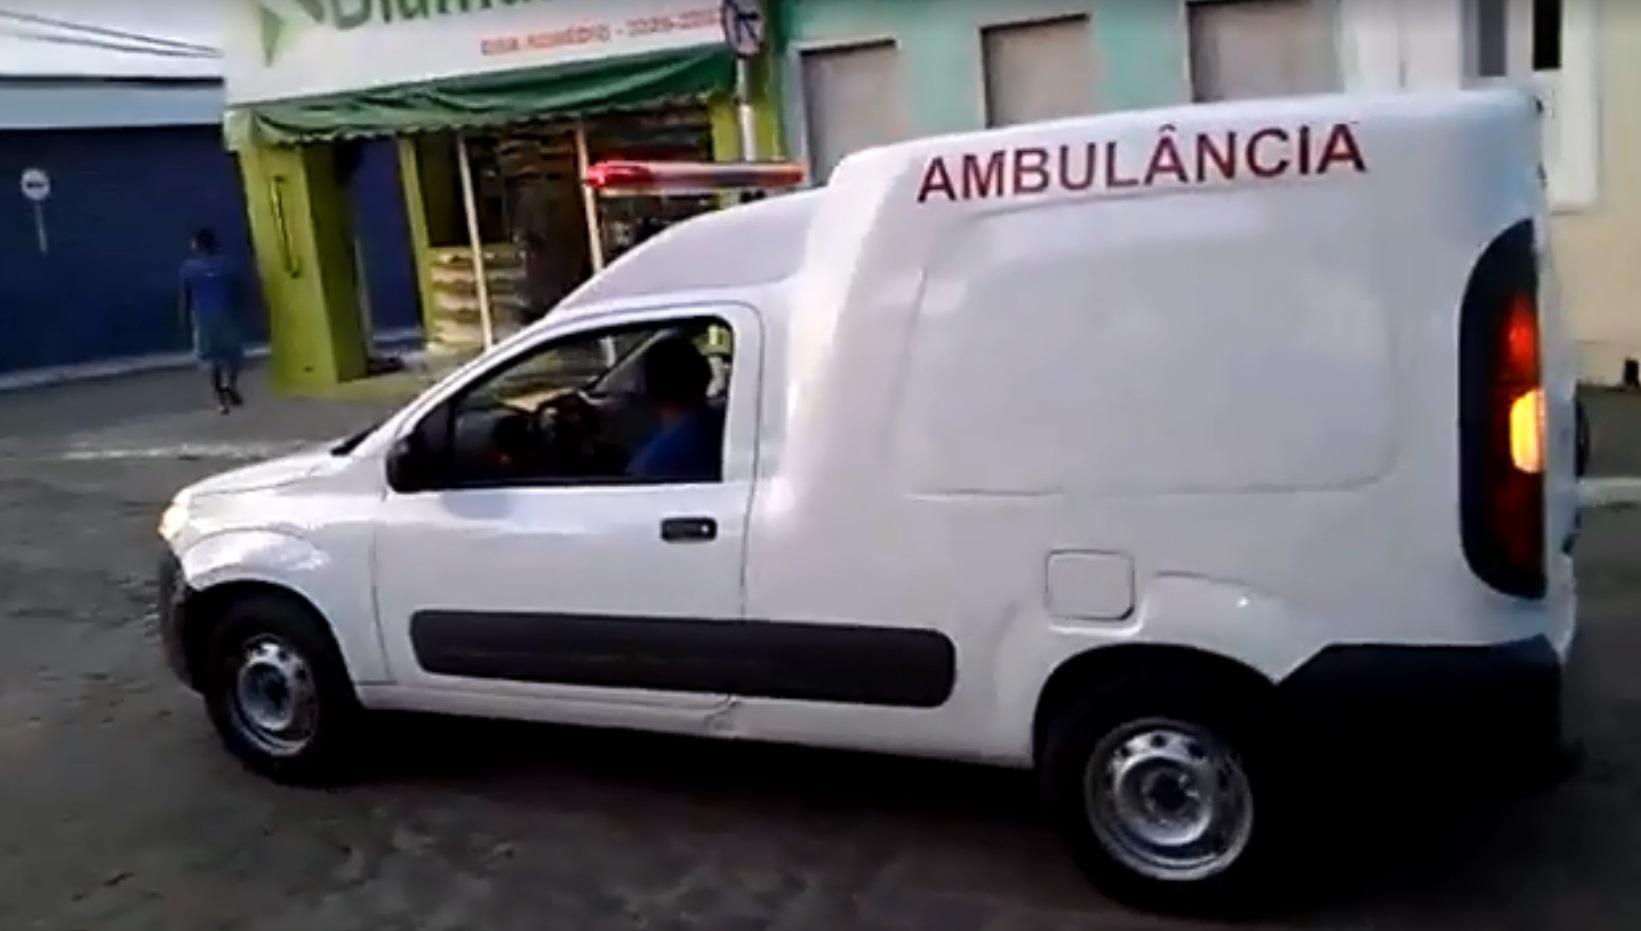 Prefeitura de Boa Vista do Tupim adquire segunda ambulância com recursos próprios